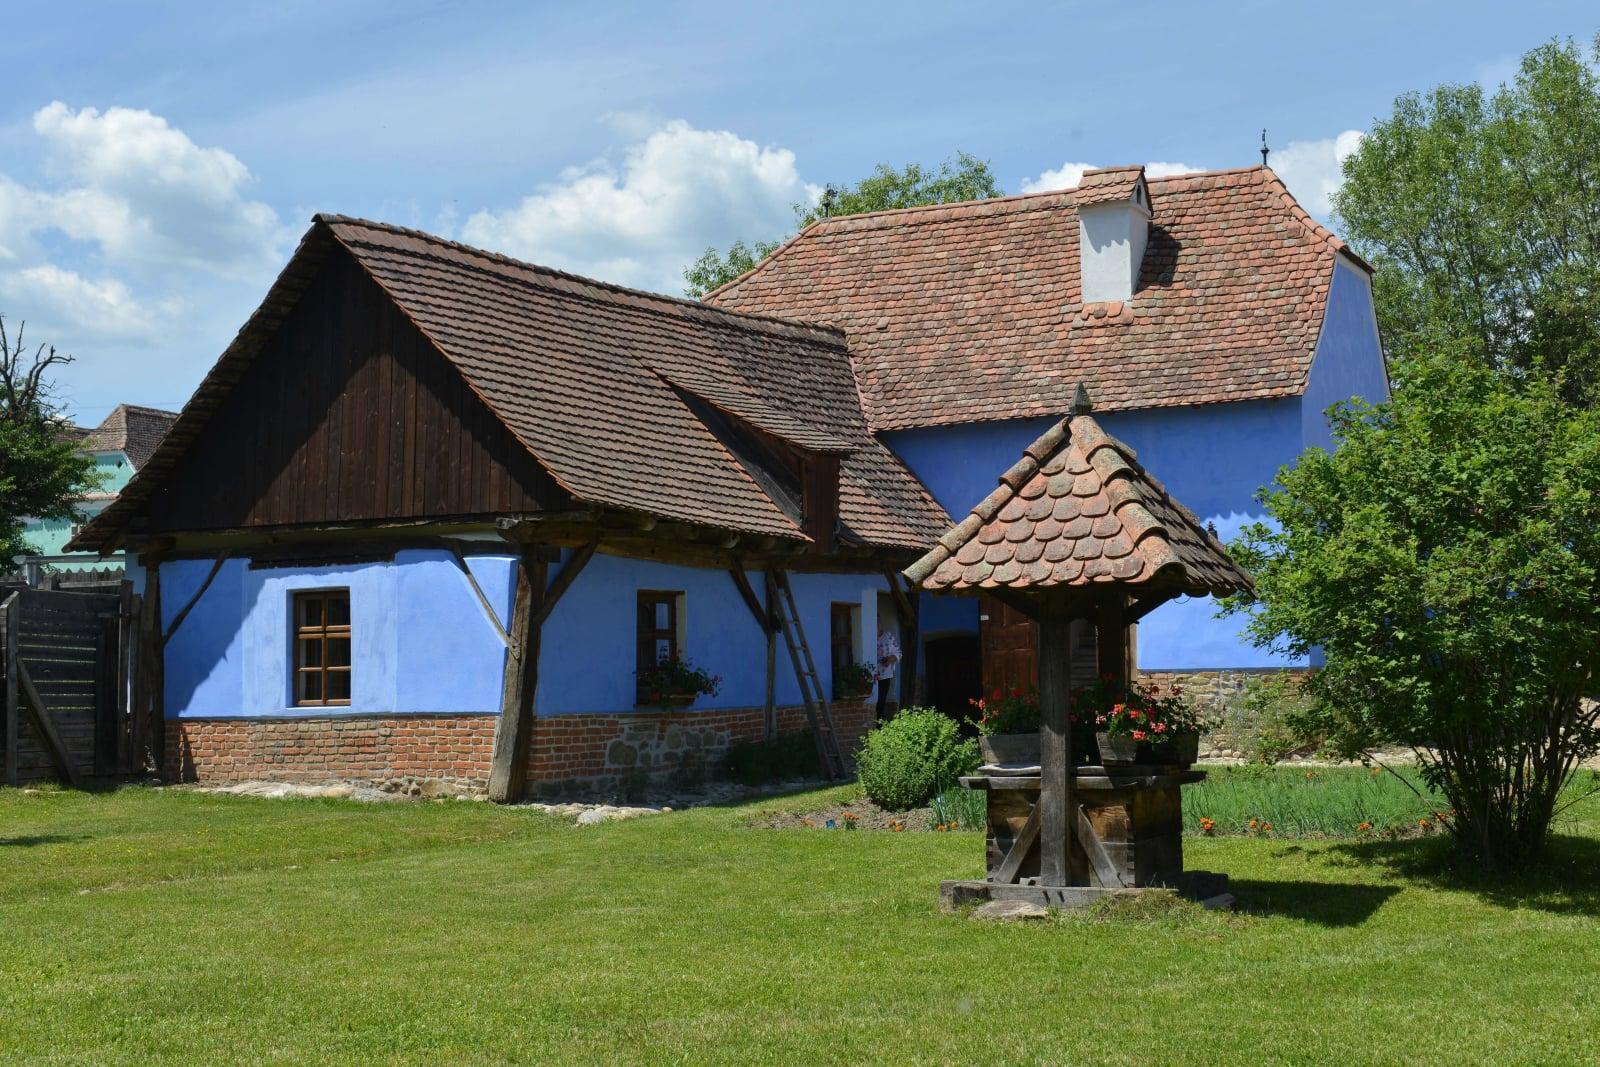 Dom brytyjskiego księcia Karola, księcia Walii, w Viscri, w Transylwanii, Rumunia, fot. EPA/EDIT KATAI HUNGARY OUT